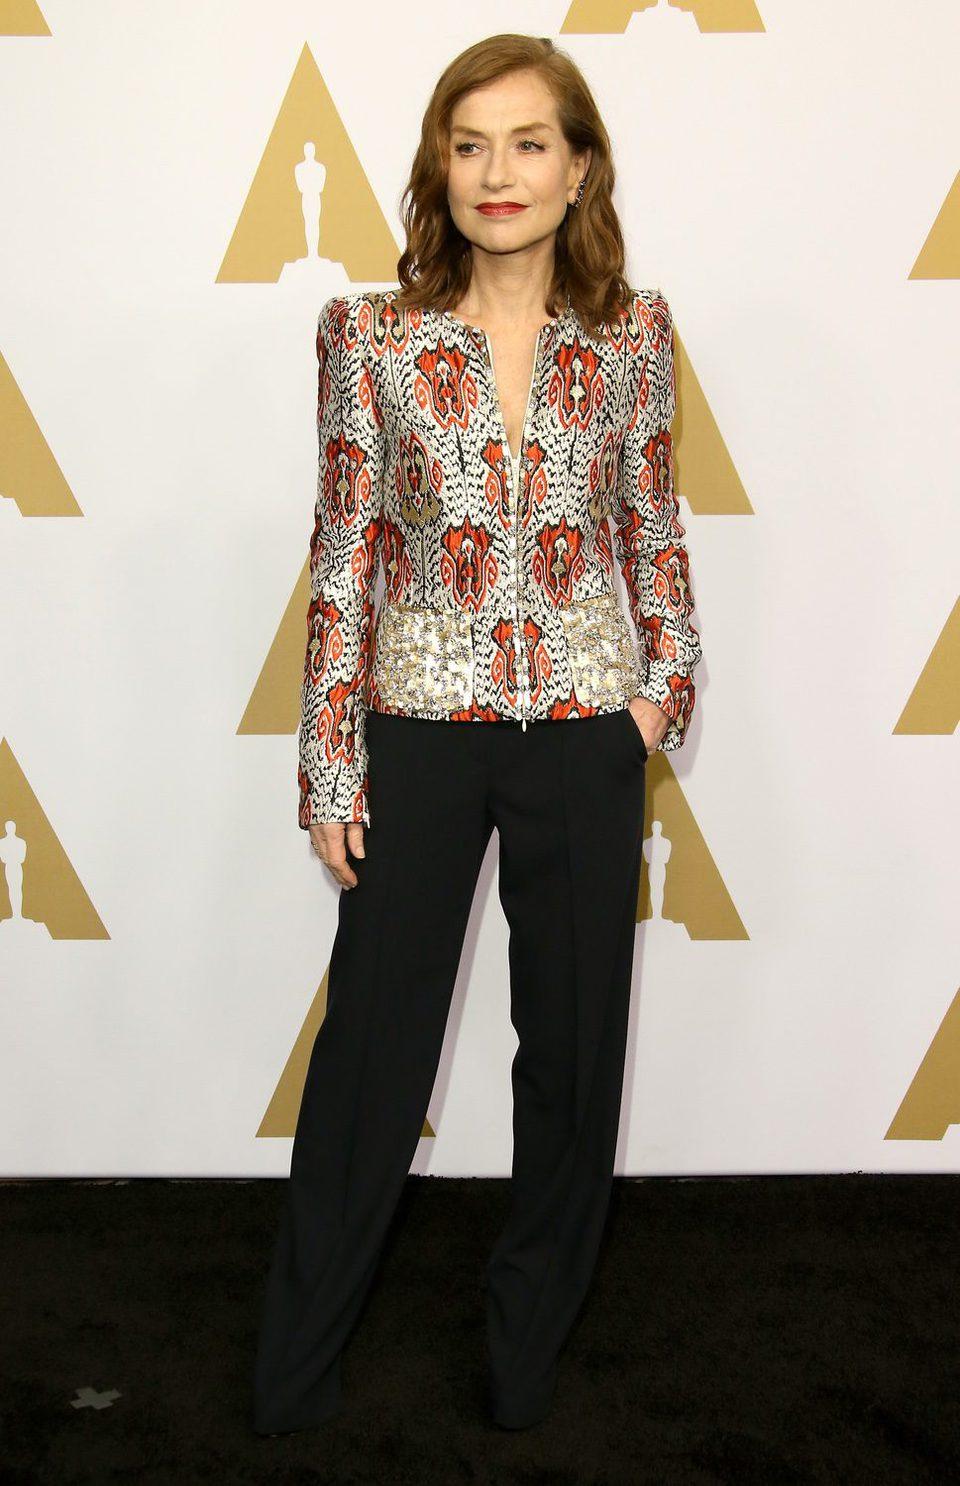 Isabelle Huppert en la Comida Anual de los Nominados en los Premios Oscar 2017